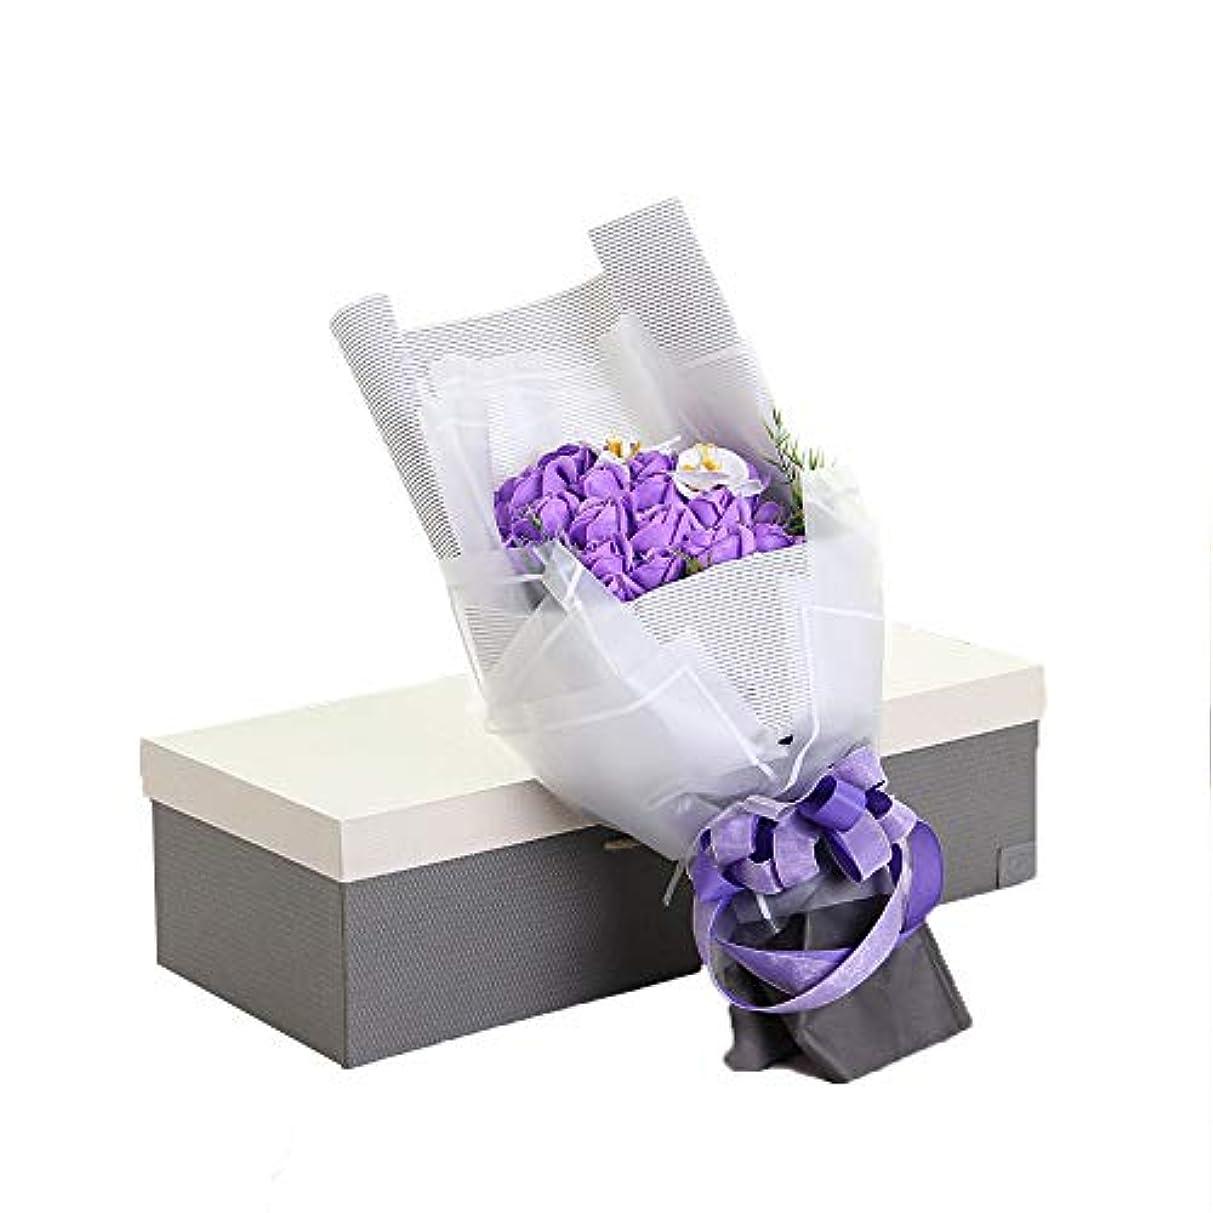 ホイストから聞く批判する手作り29石鹸花の花束ギフトボックス、女性のためのギフトバレンタインデー、母の日、結婚式、クリスマス、誕生日(ベアカラーランダム) (色 : 紫の)